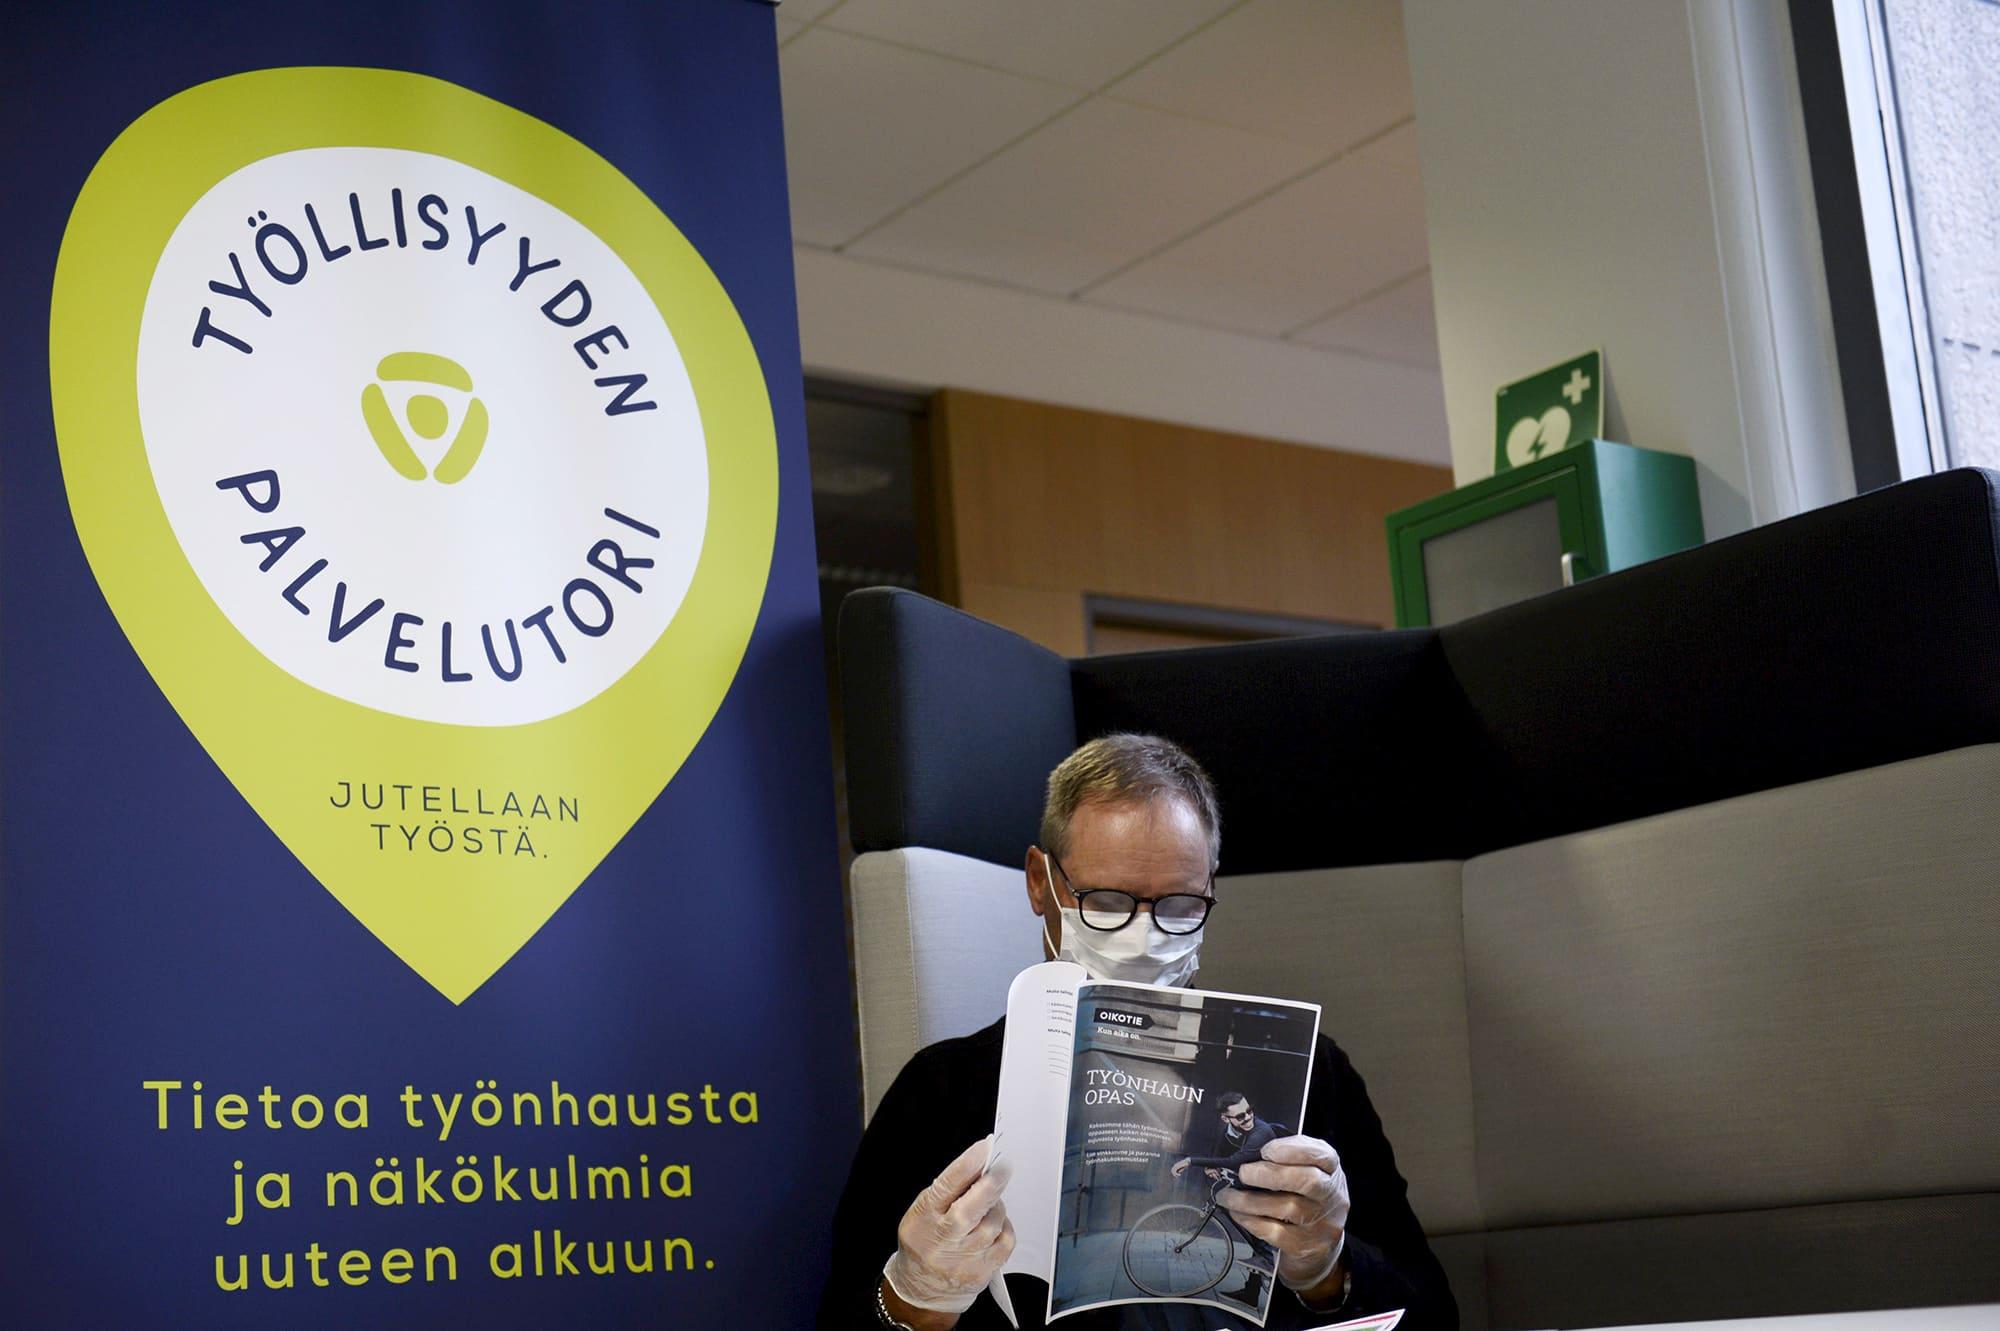 Asiakas Helsingin Työllisyyden palvelutorilla Pasilan TE-toimistossa.